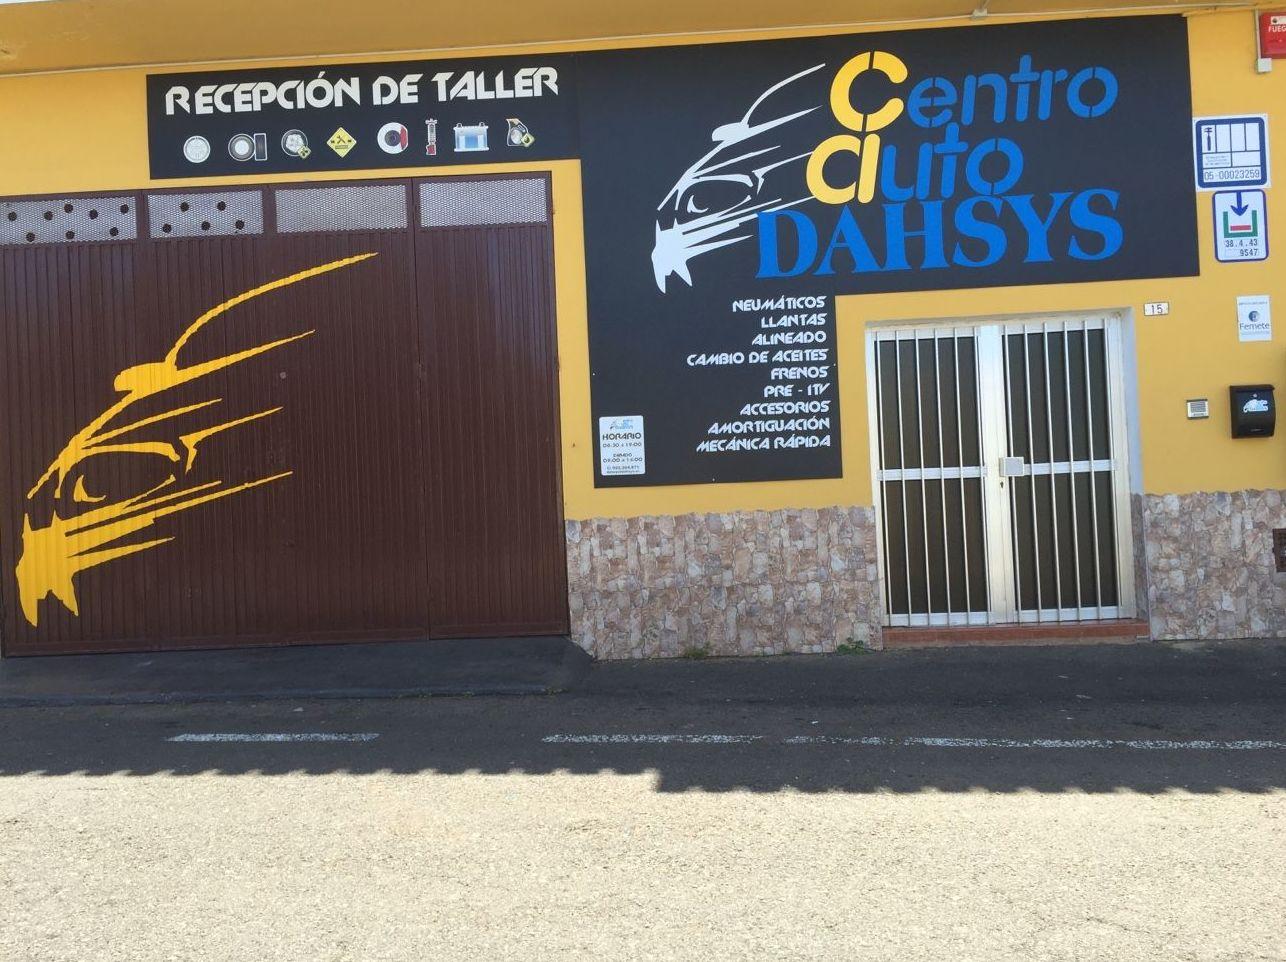 Foto 30 de Talleres de automóviles en Tacoronte | Centro Auto Dahsys